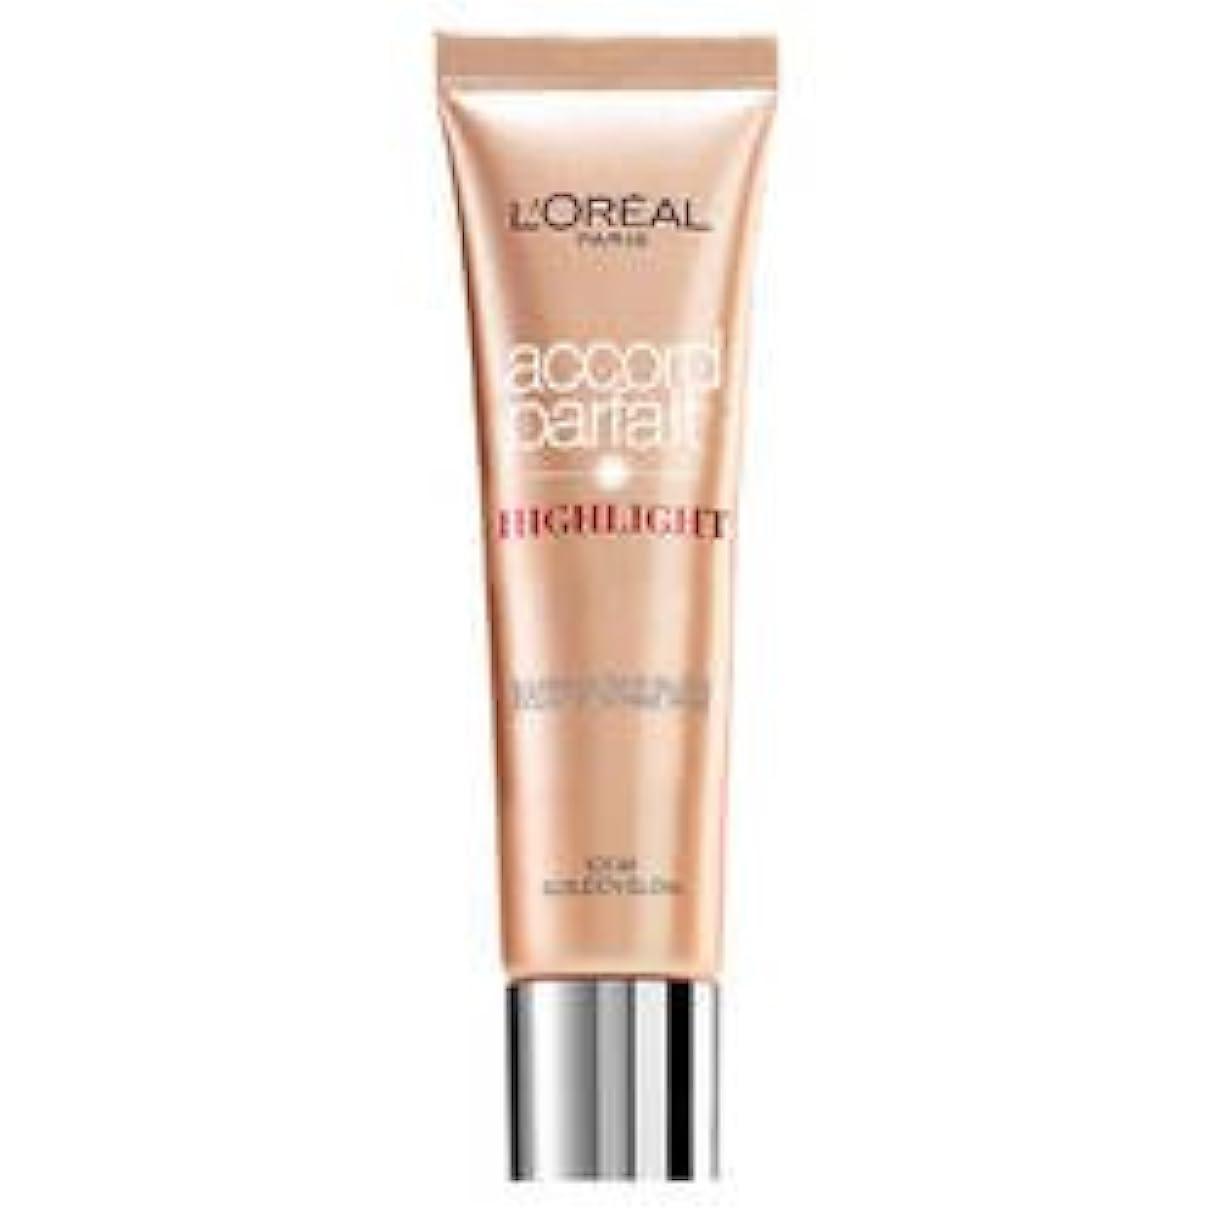 ビヨン発生器金銭的なL 'Oréal Paris - ACCORD PARFAIT Highlight Enlumineur Liquide - 101 Dore